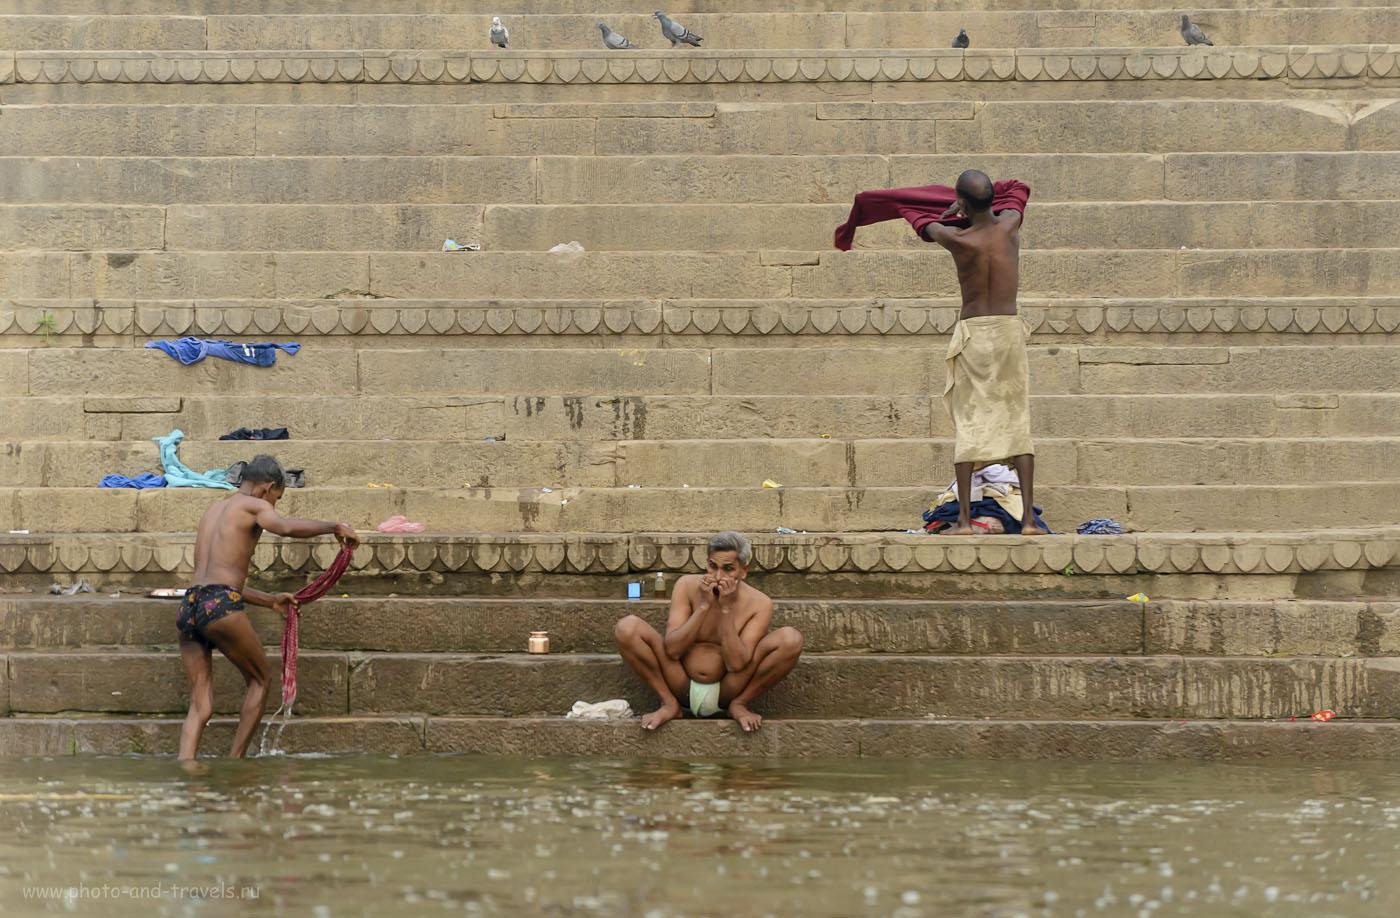 Фотография 20. Паломники. Гхат в Бенаресе. 1/250, 5.0, 1250, 180.